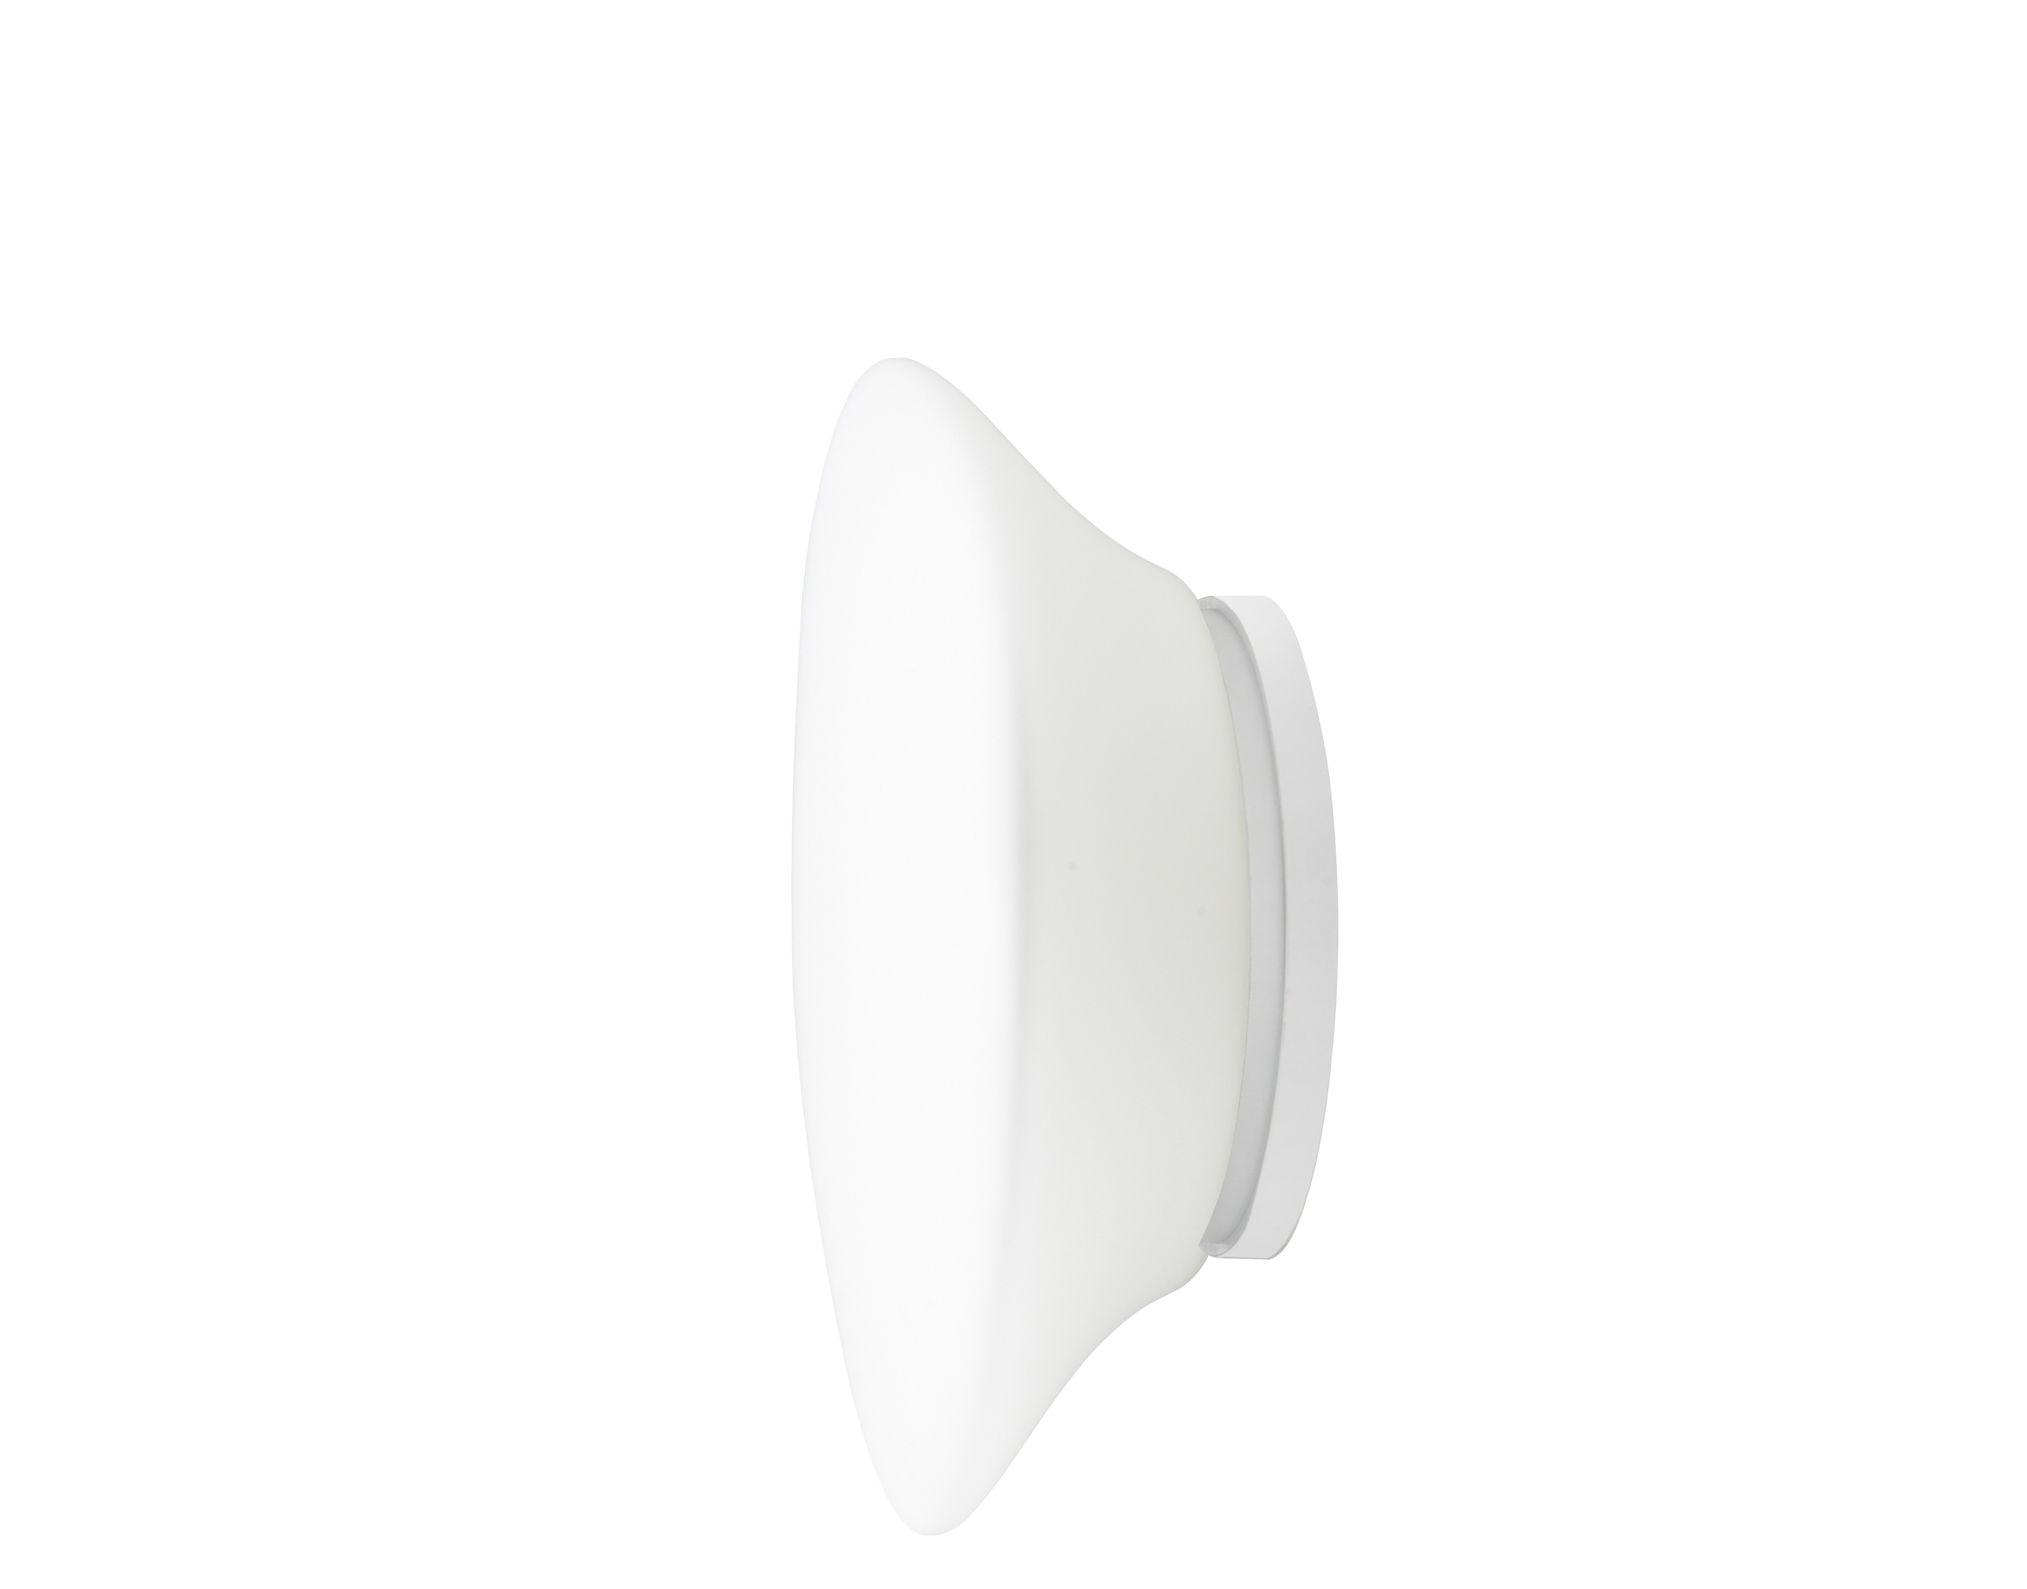 Leuchten - Wandleuchten - Mycena Wandleuchte Ø 32 cm - Fabbian - Weiß - H 32 cm - Glas